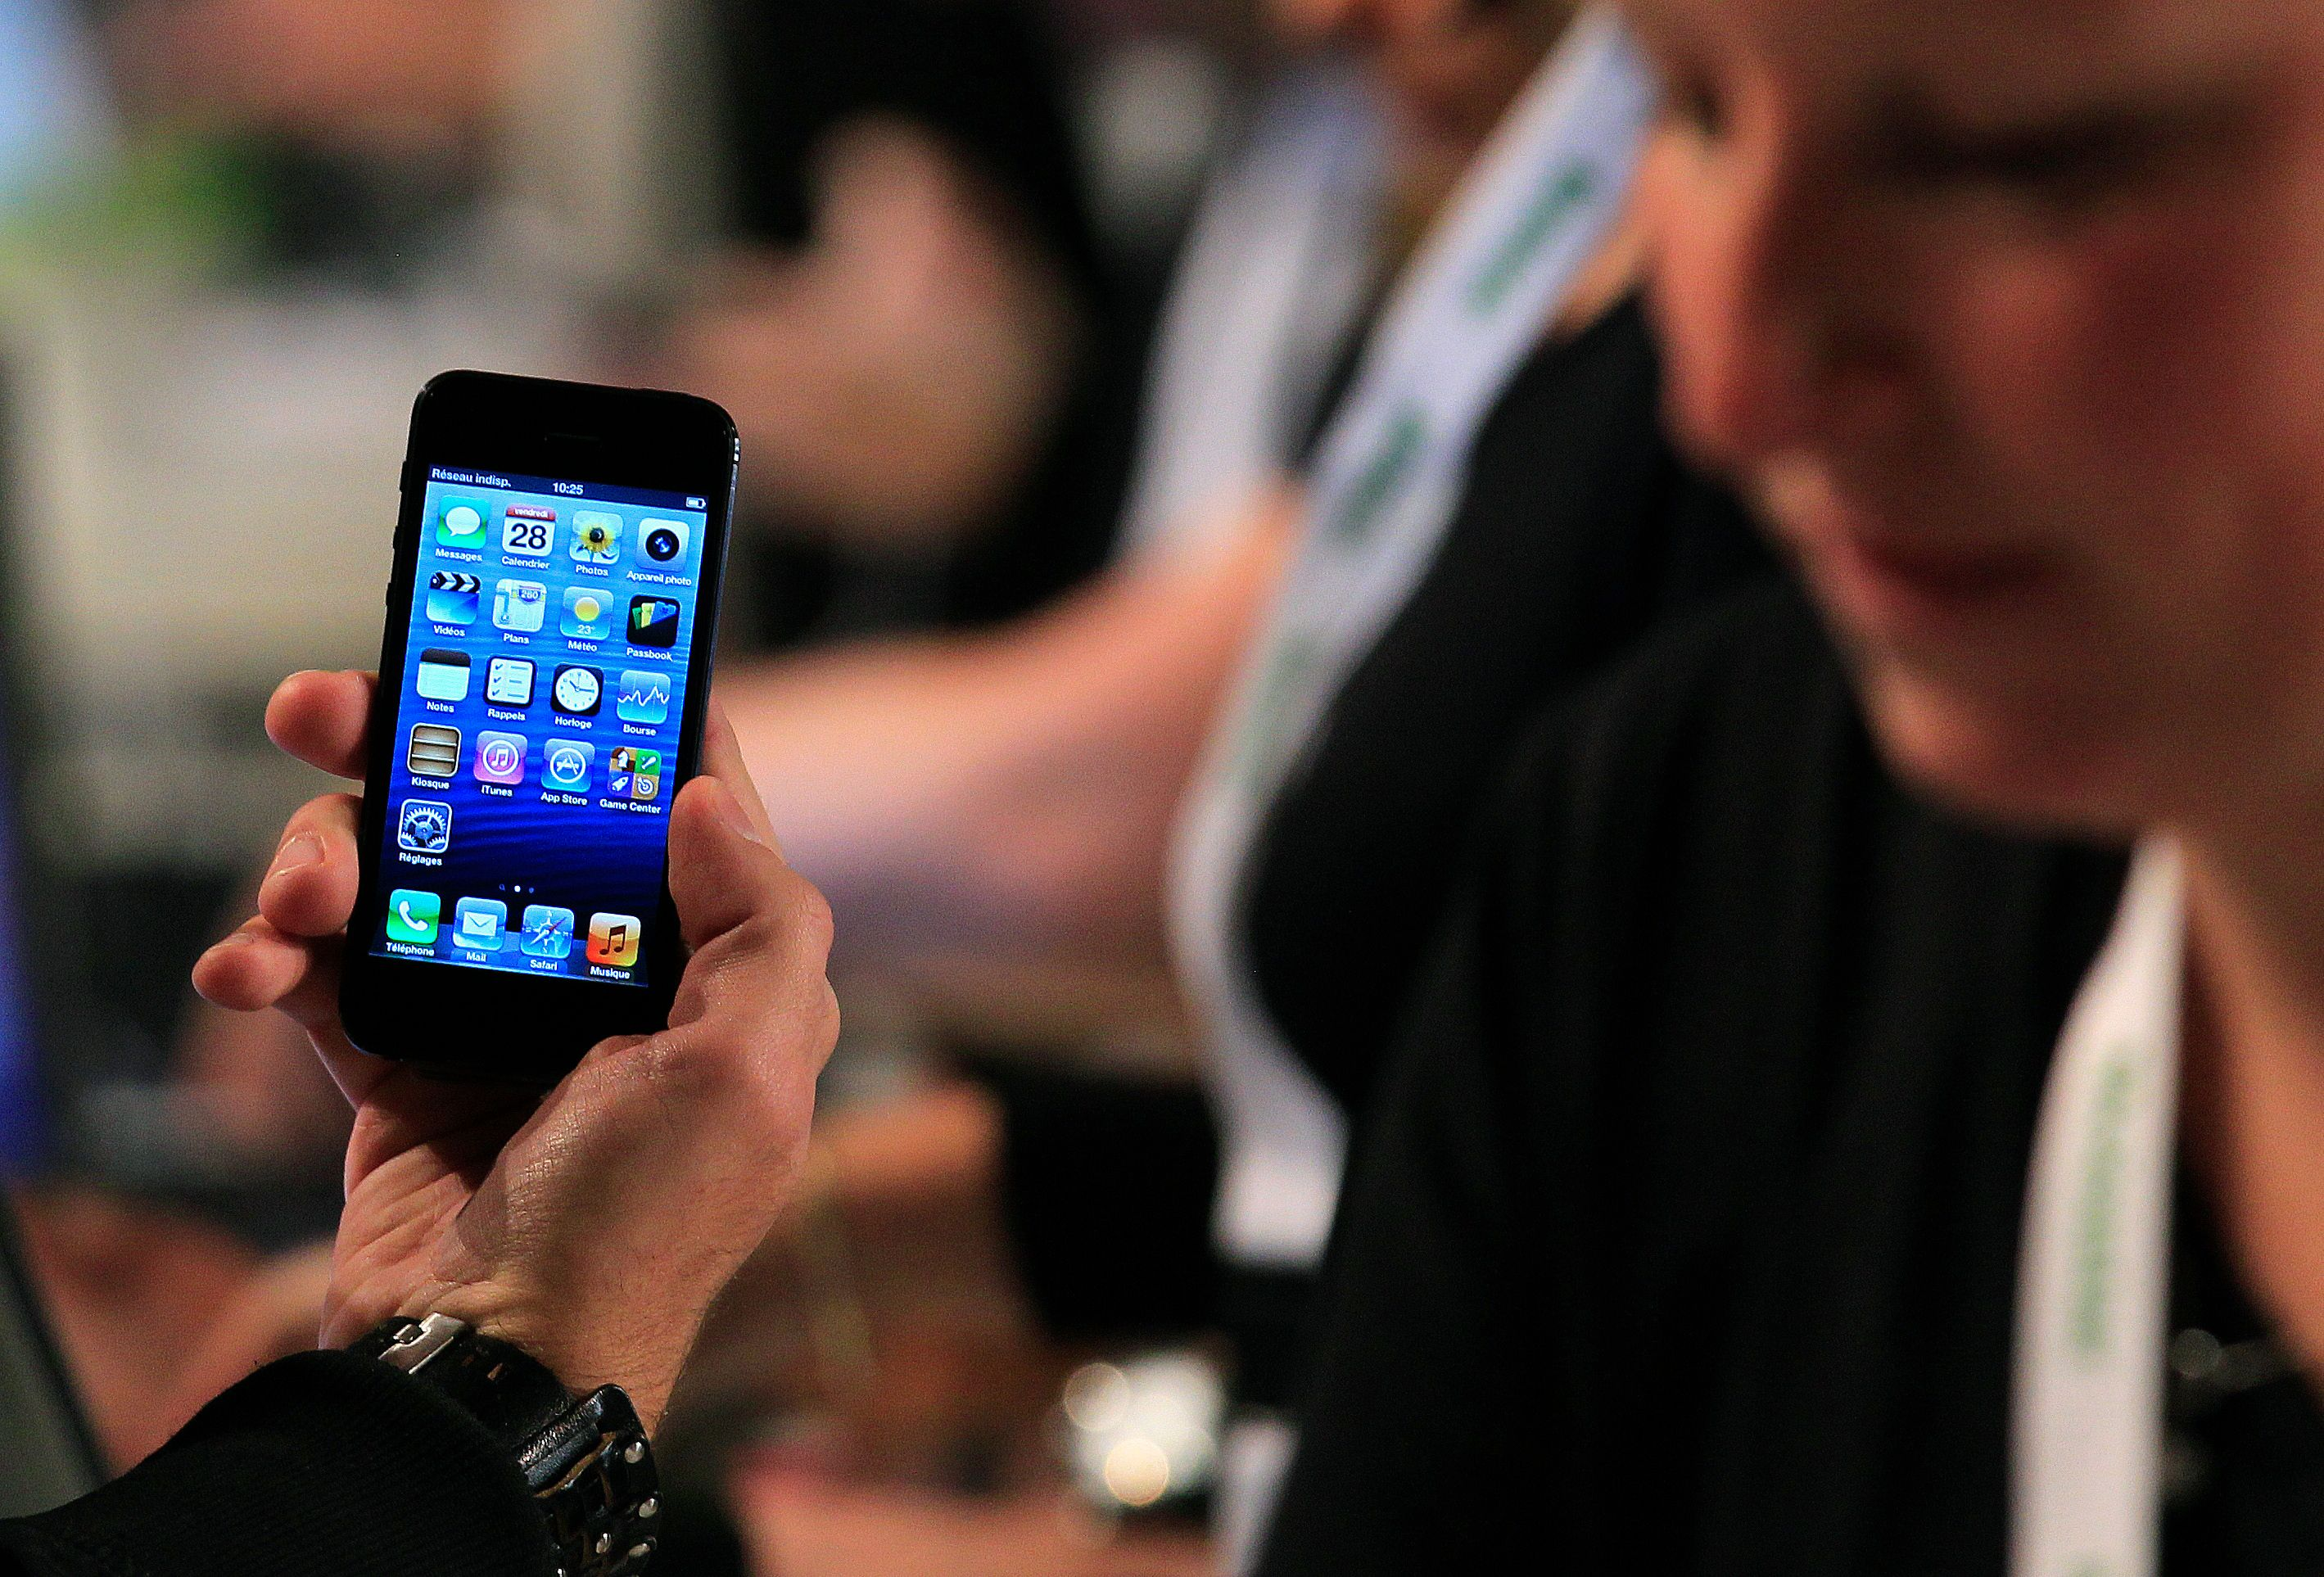 3,5 millions de dollars : ce que produire un iPhone aurait coûté il y a 20 ans